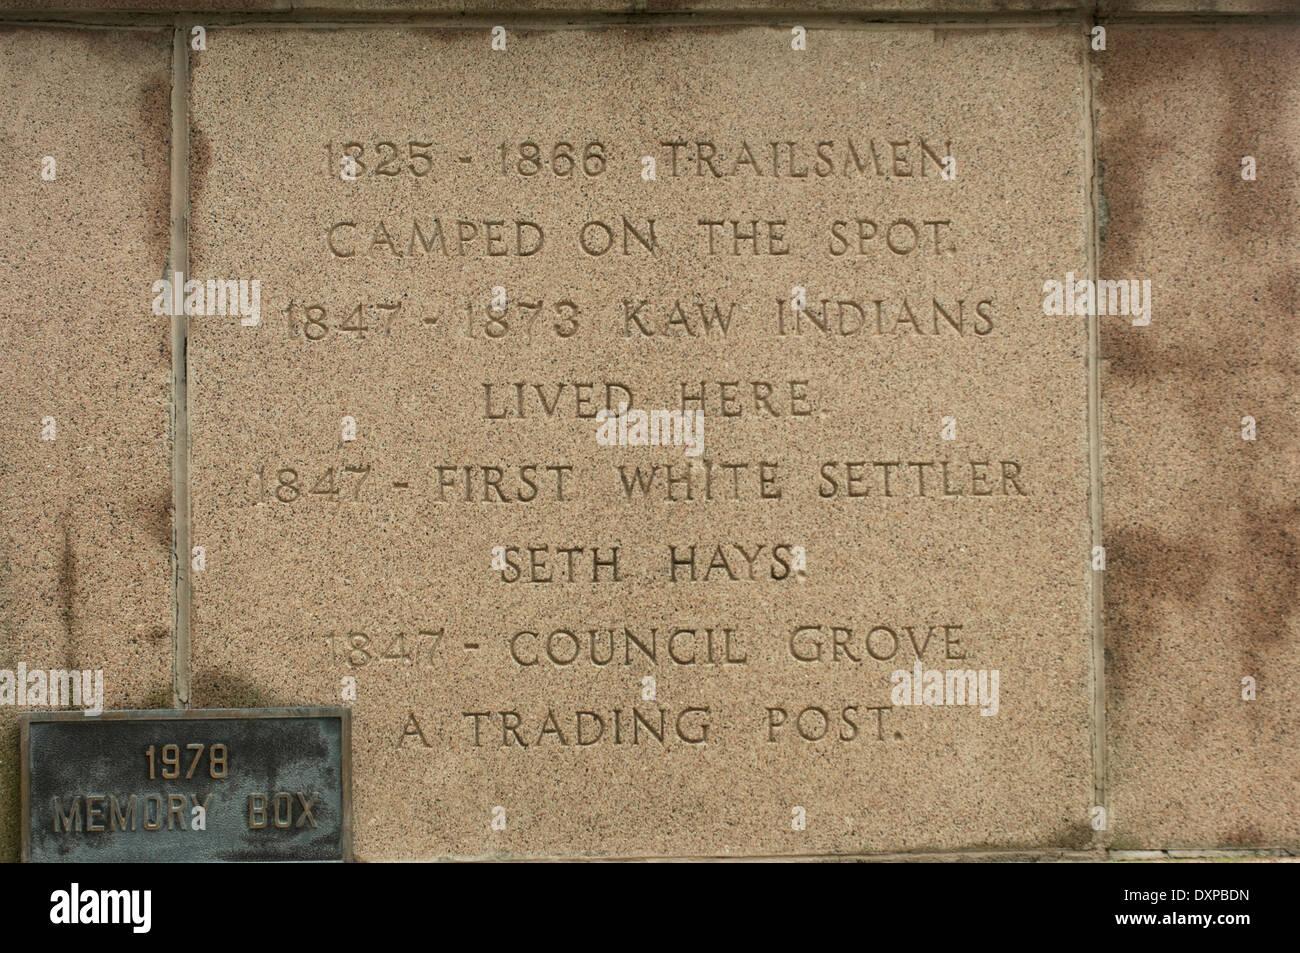 Geschichte des Council Grove, Kansas, einer frühen Stadt auf dem Santa Fe Trail. Stockbild